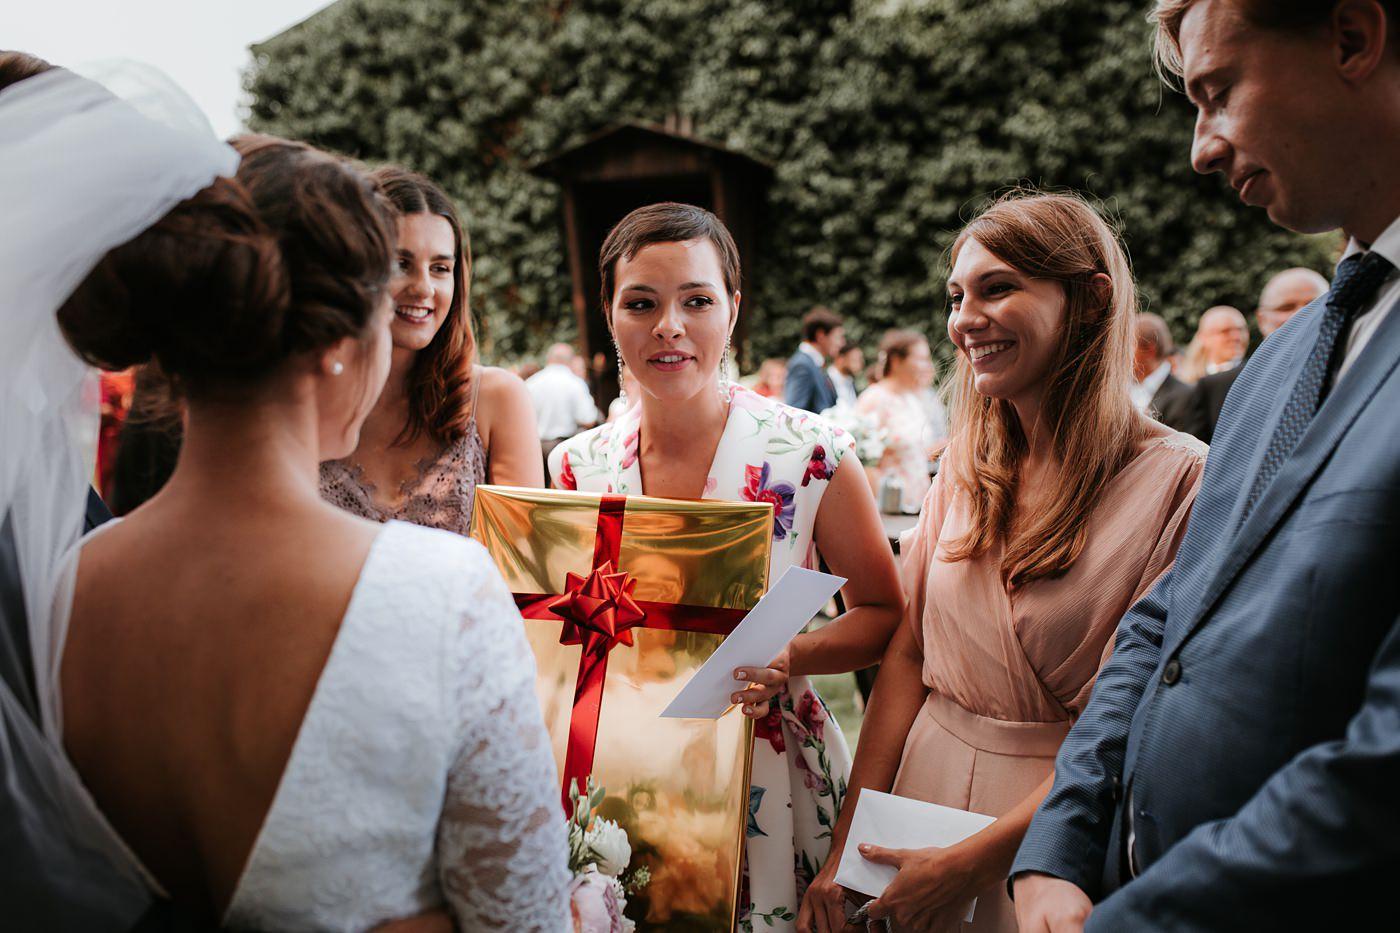 Dominika & Aleksander - Rustykalne wesele w stodole - Baborówko 83